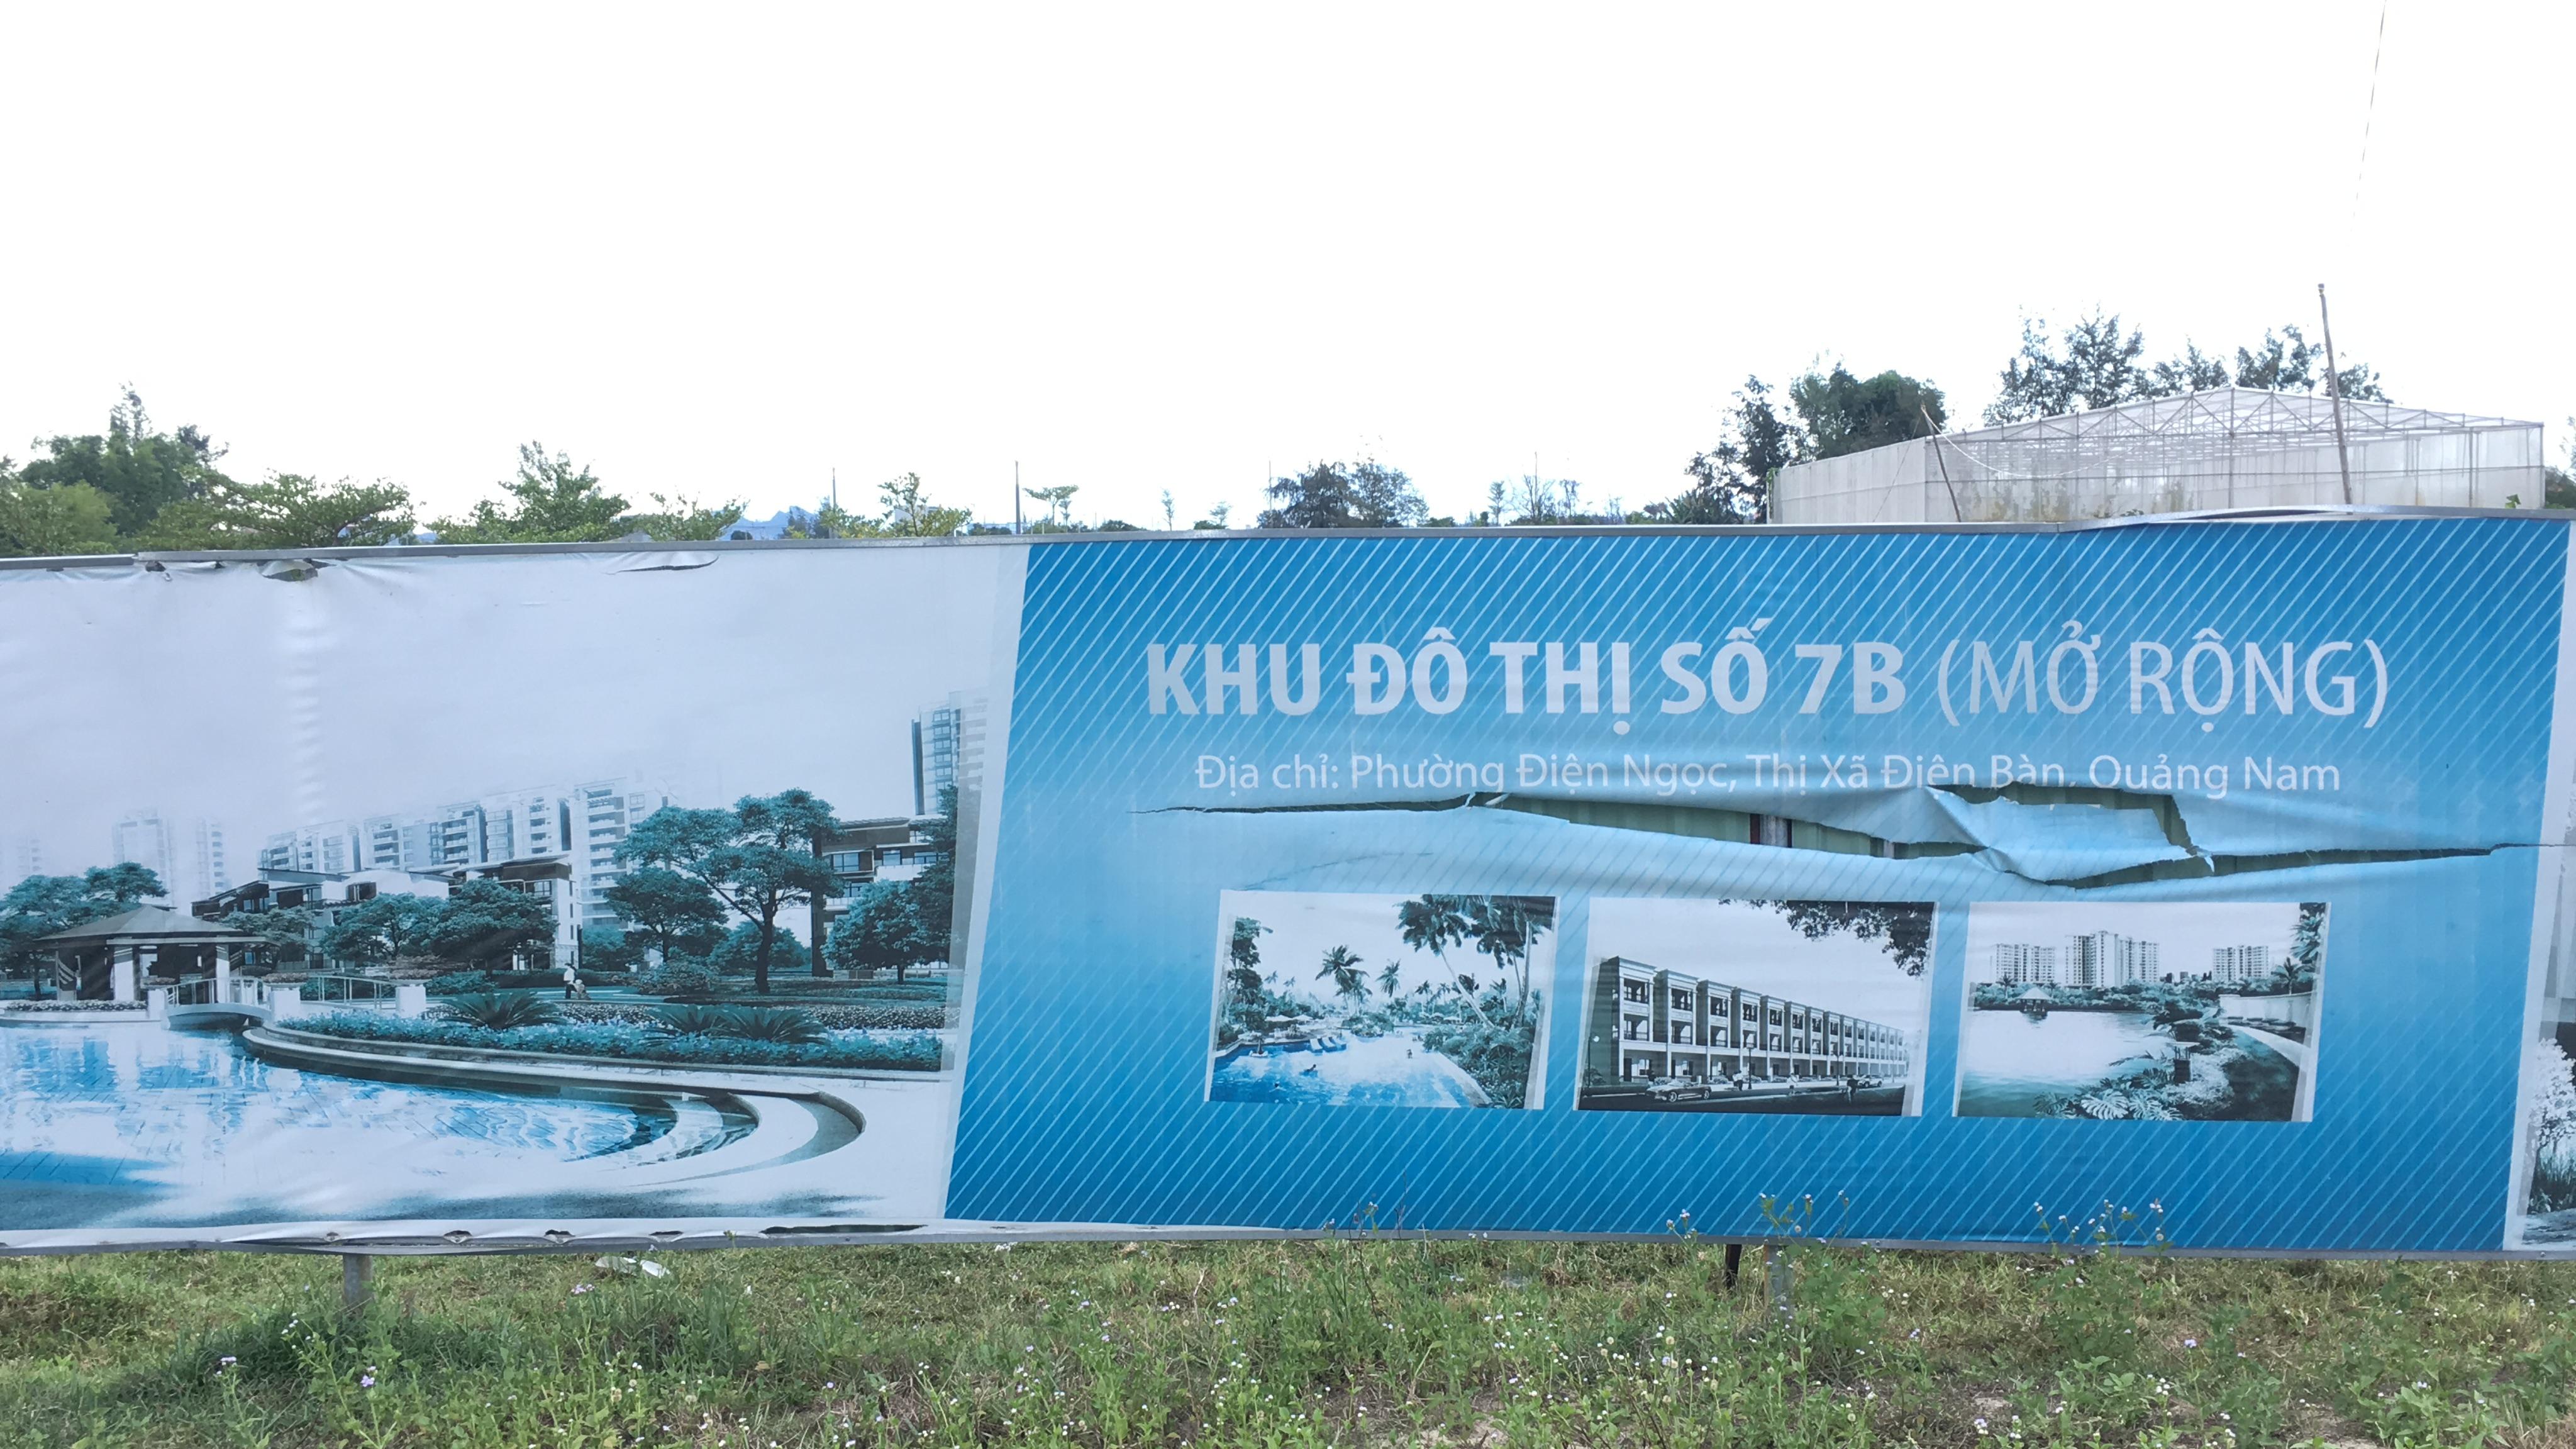 Quảng Nam: Dự án Khu đô thị 7B mở rộng hạ tầng dang dở, đang là nơi chăn thả bò - Ảnh 3.